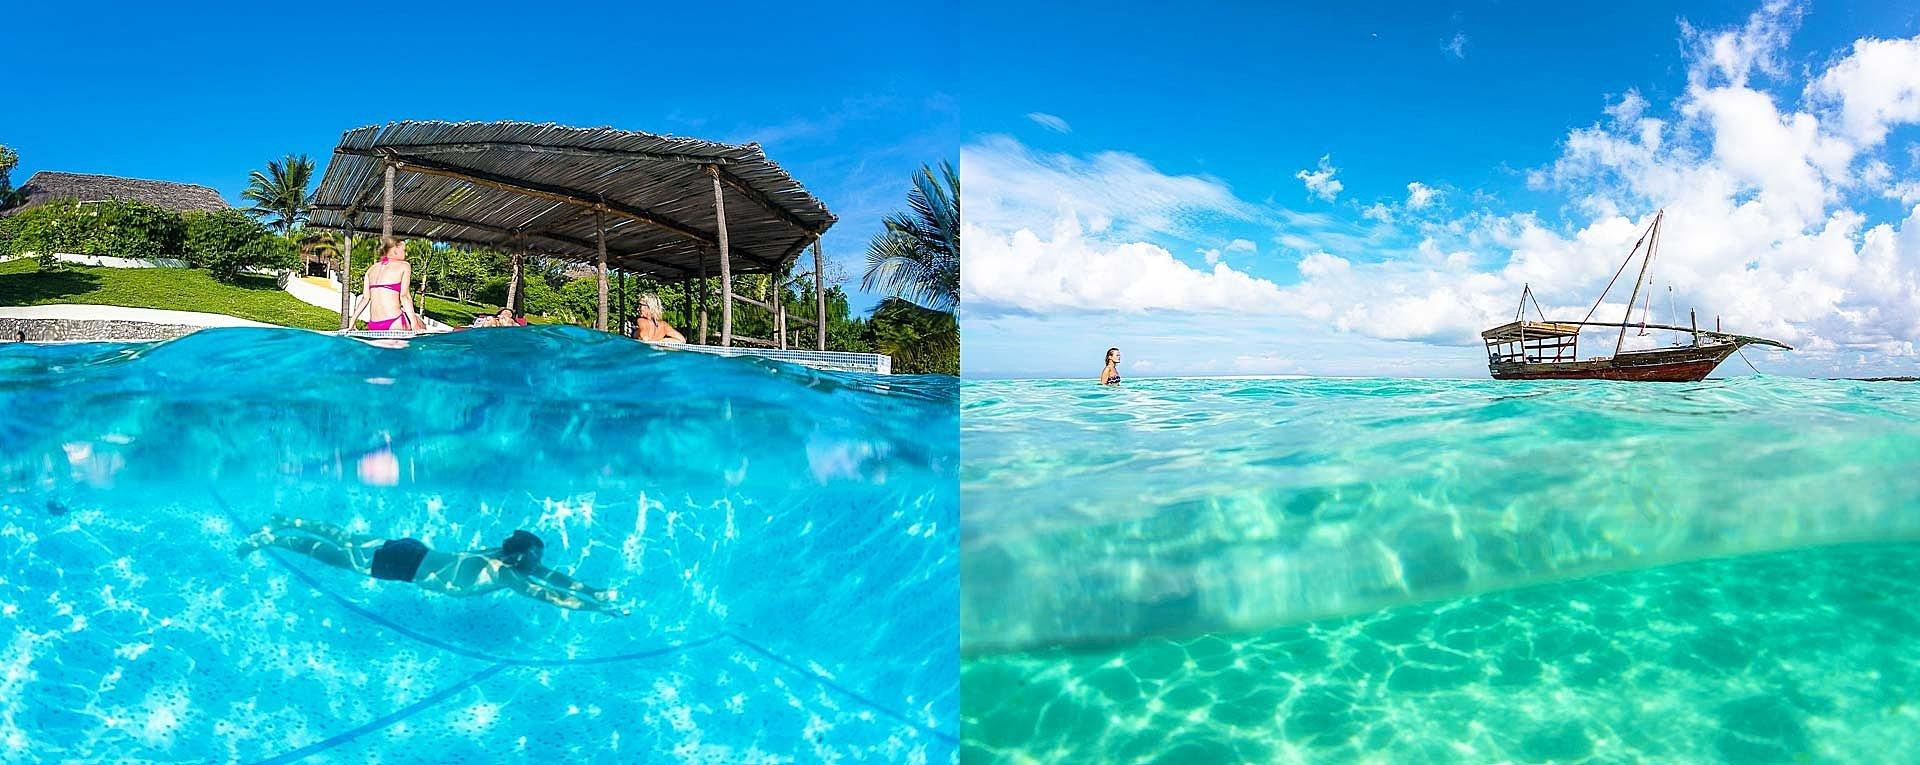 Курорт Manta Resort - африканский рай для дайвинга